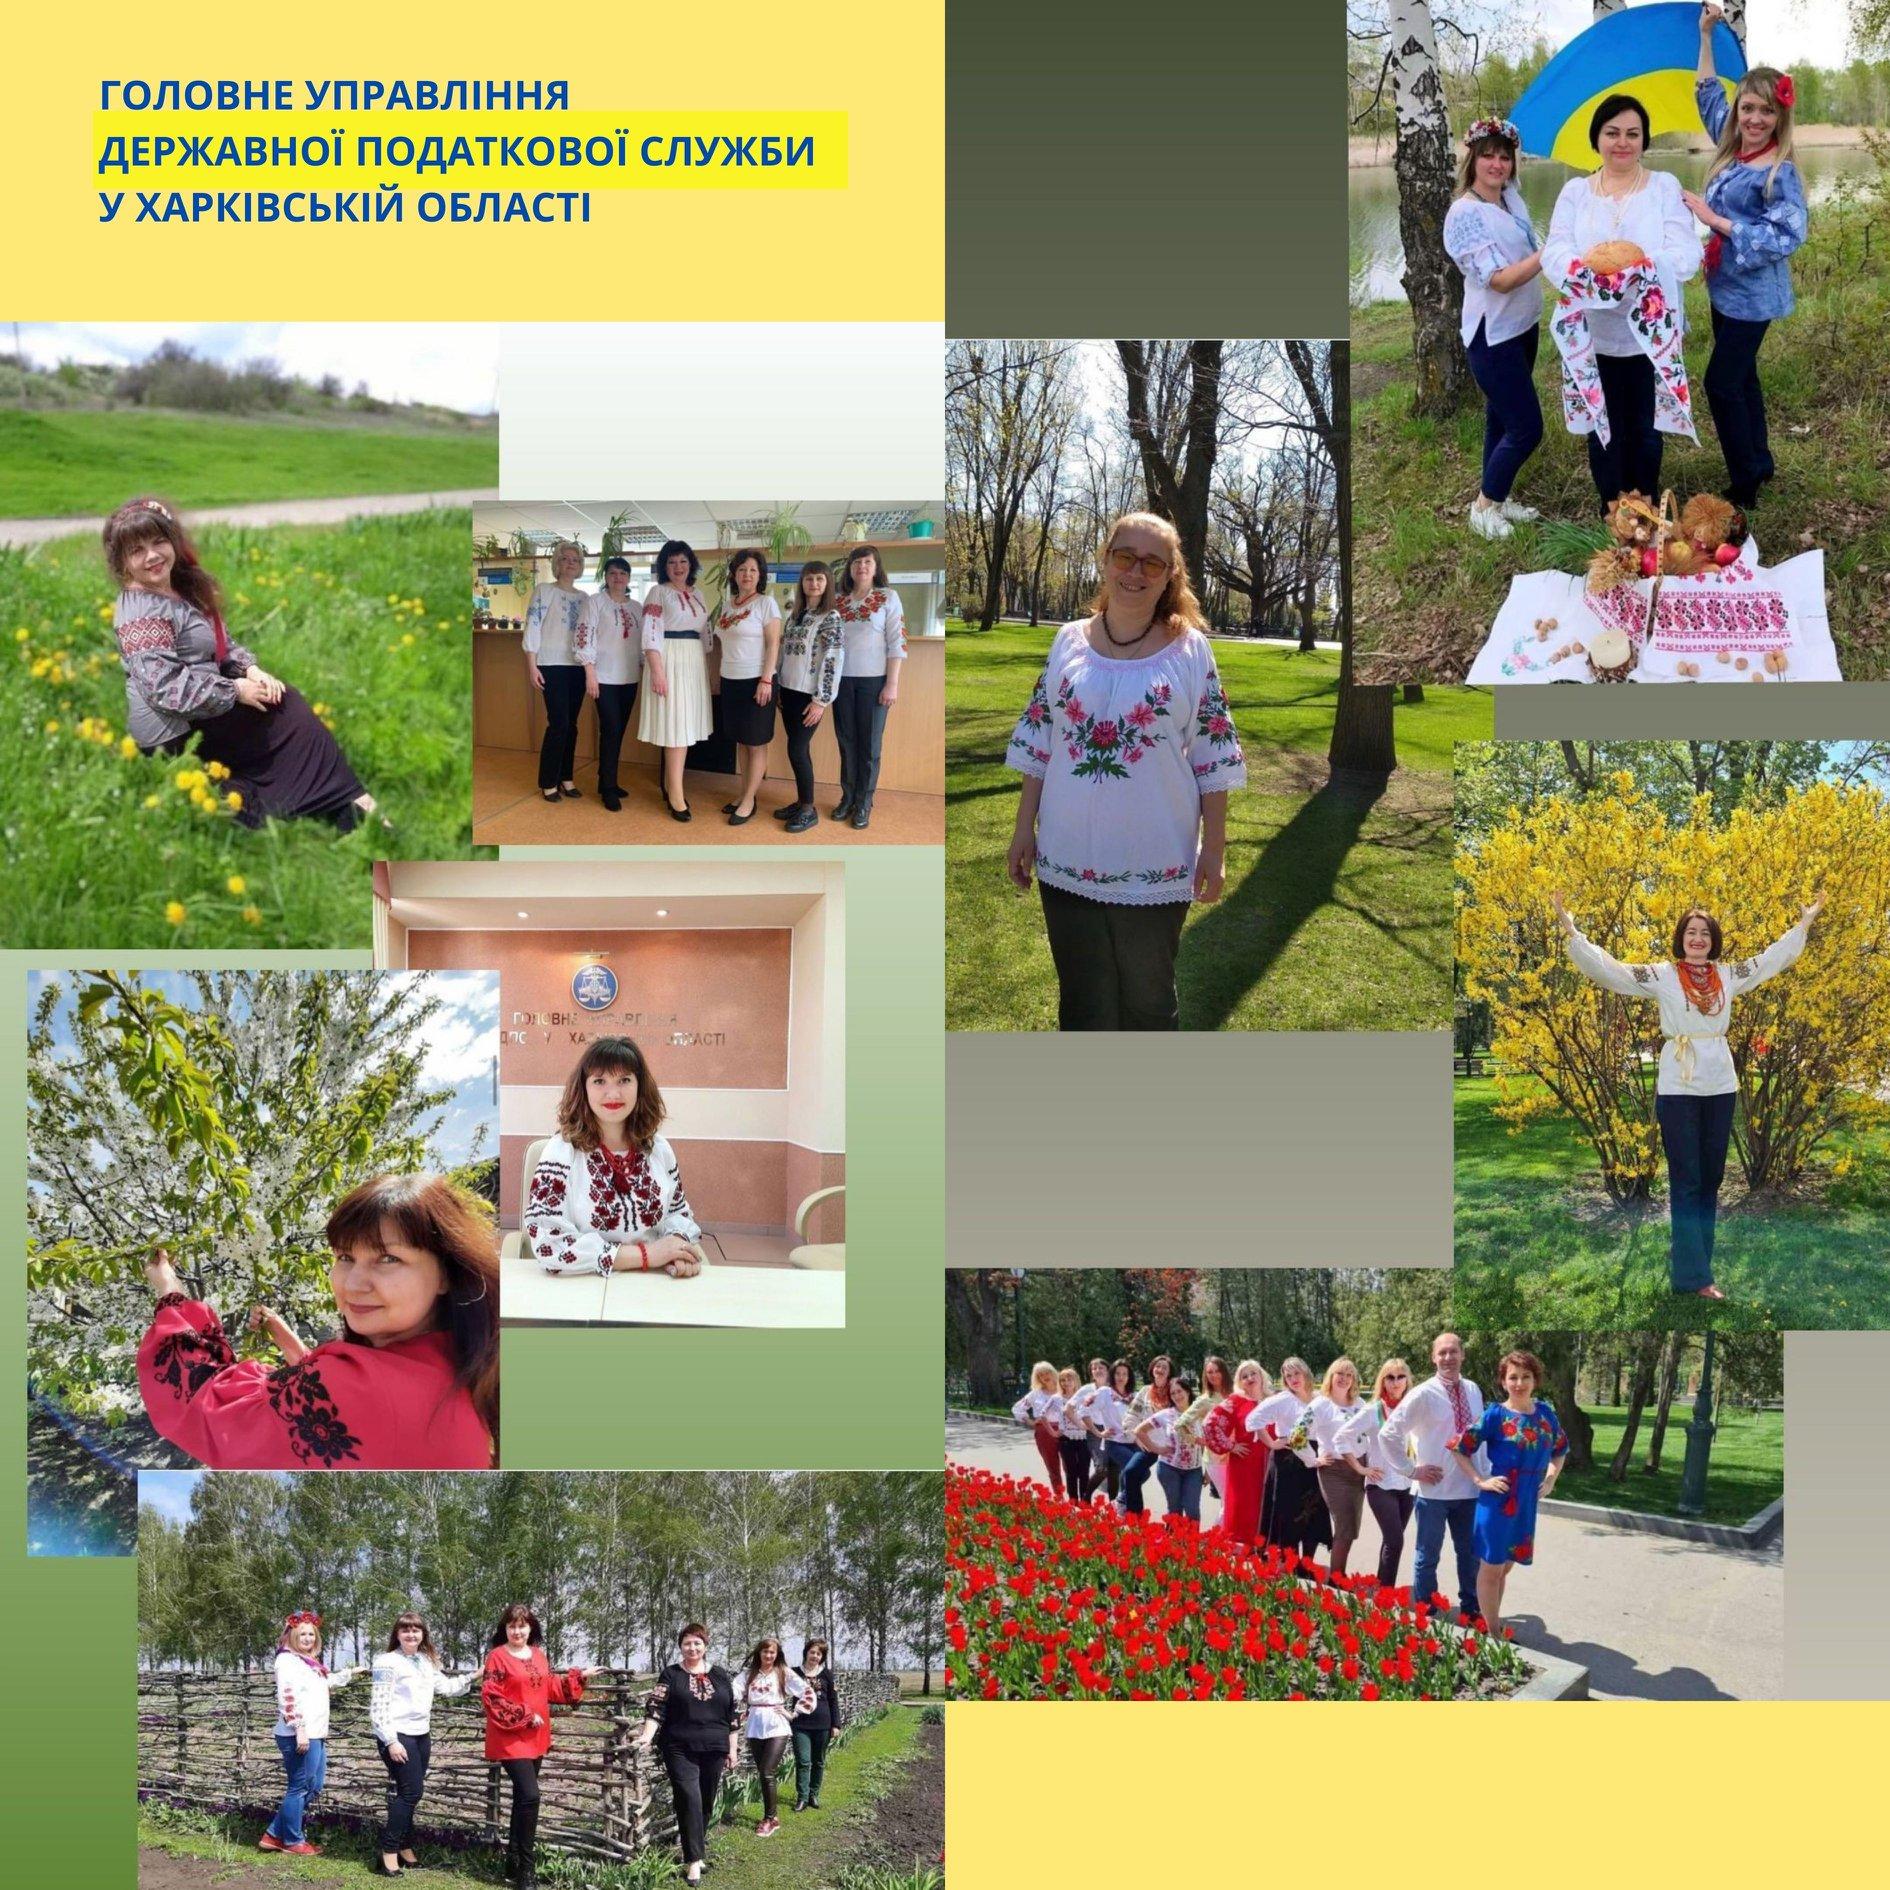 Харьковская налоговая провела конкурс на лучшую вышиванку (фото)